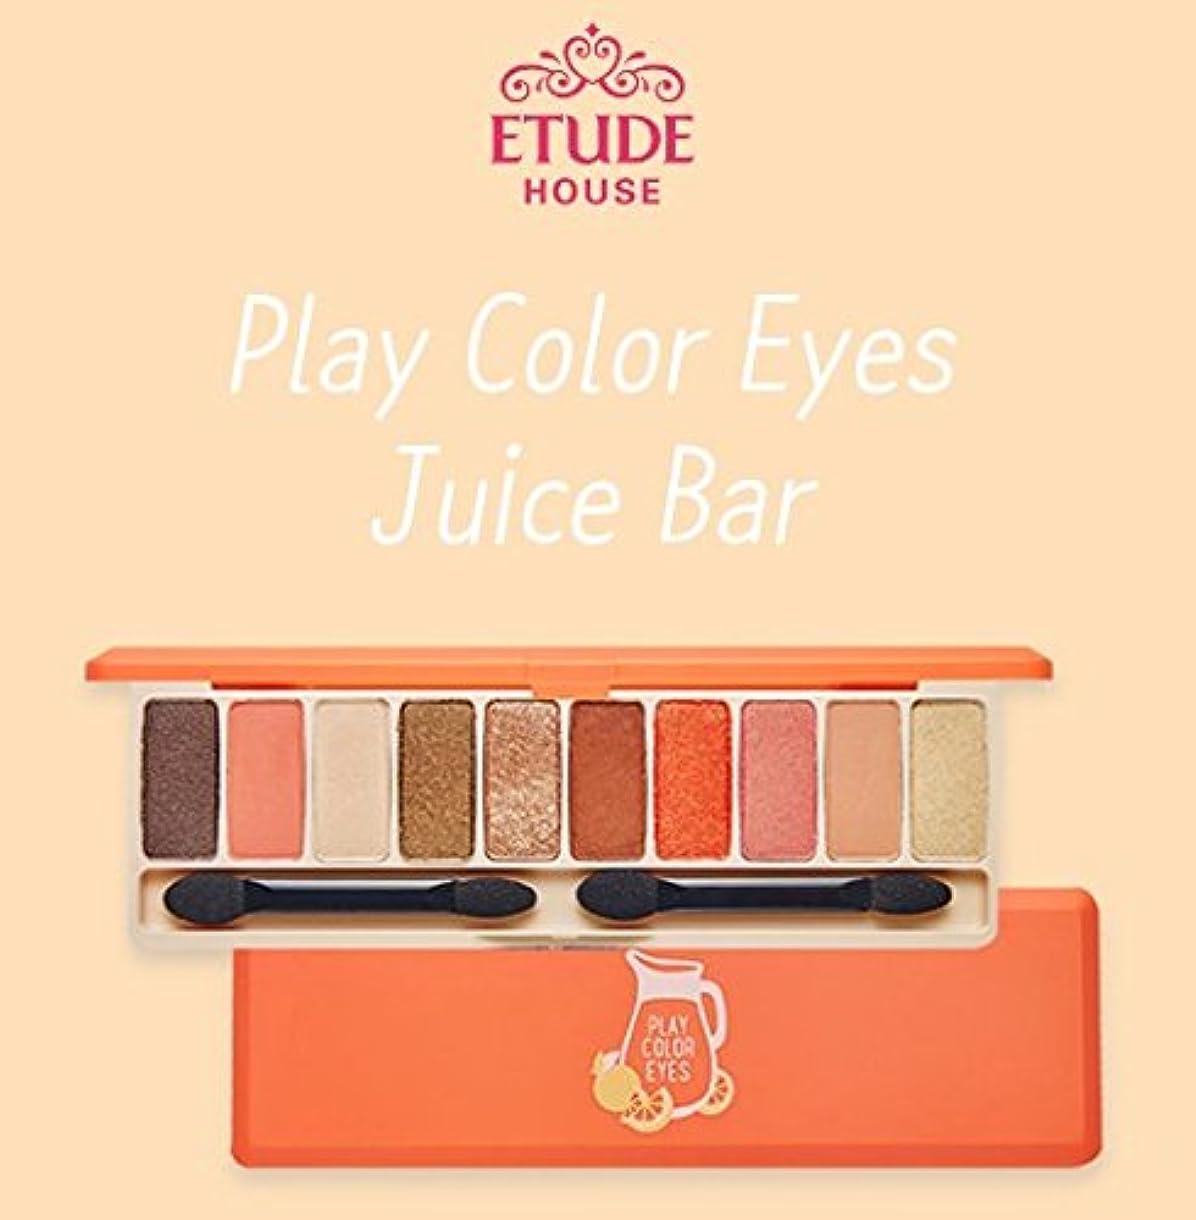 虚栄心欠席がっかりした[Etude House] ジュース バー アイシャドウ Play Color Eyes Juice Bar